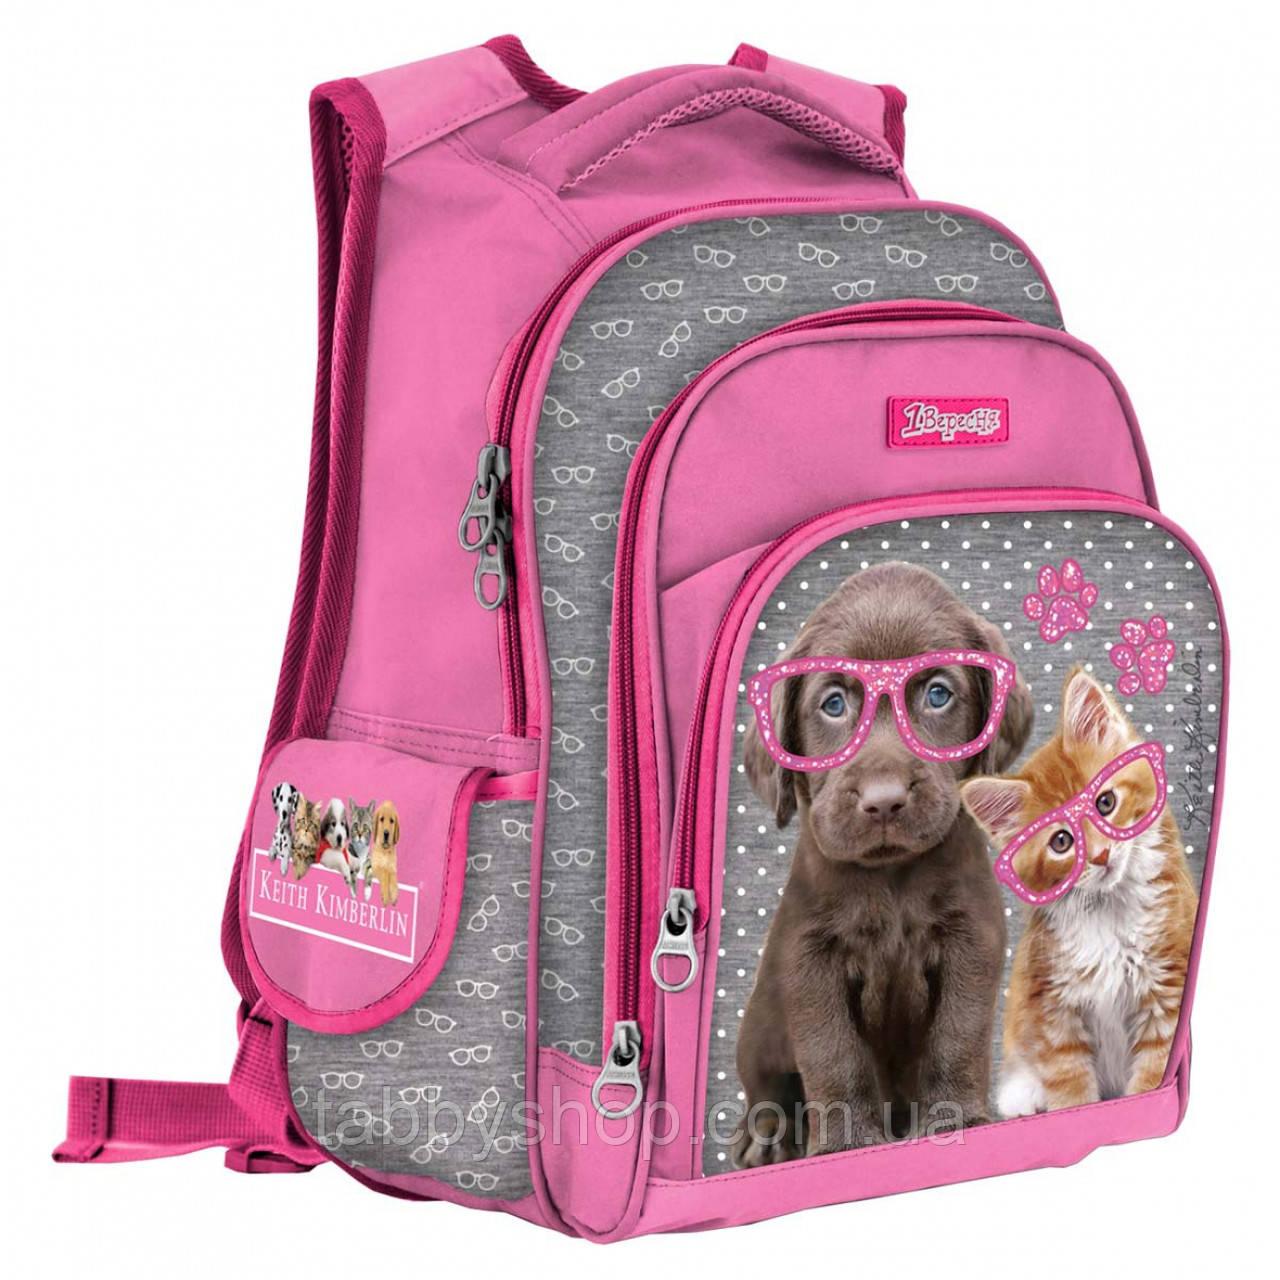 Рюкзак школьный для девочки 1 Вересня S-43 Keit Kimberlin розовый